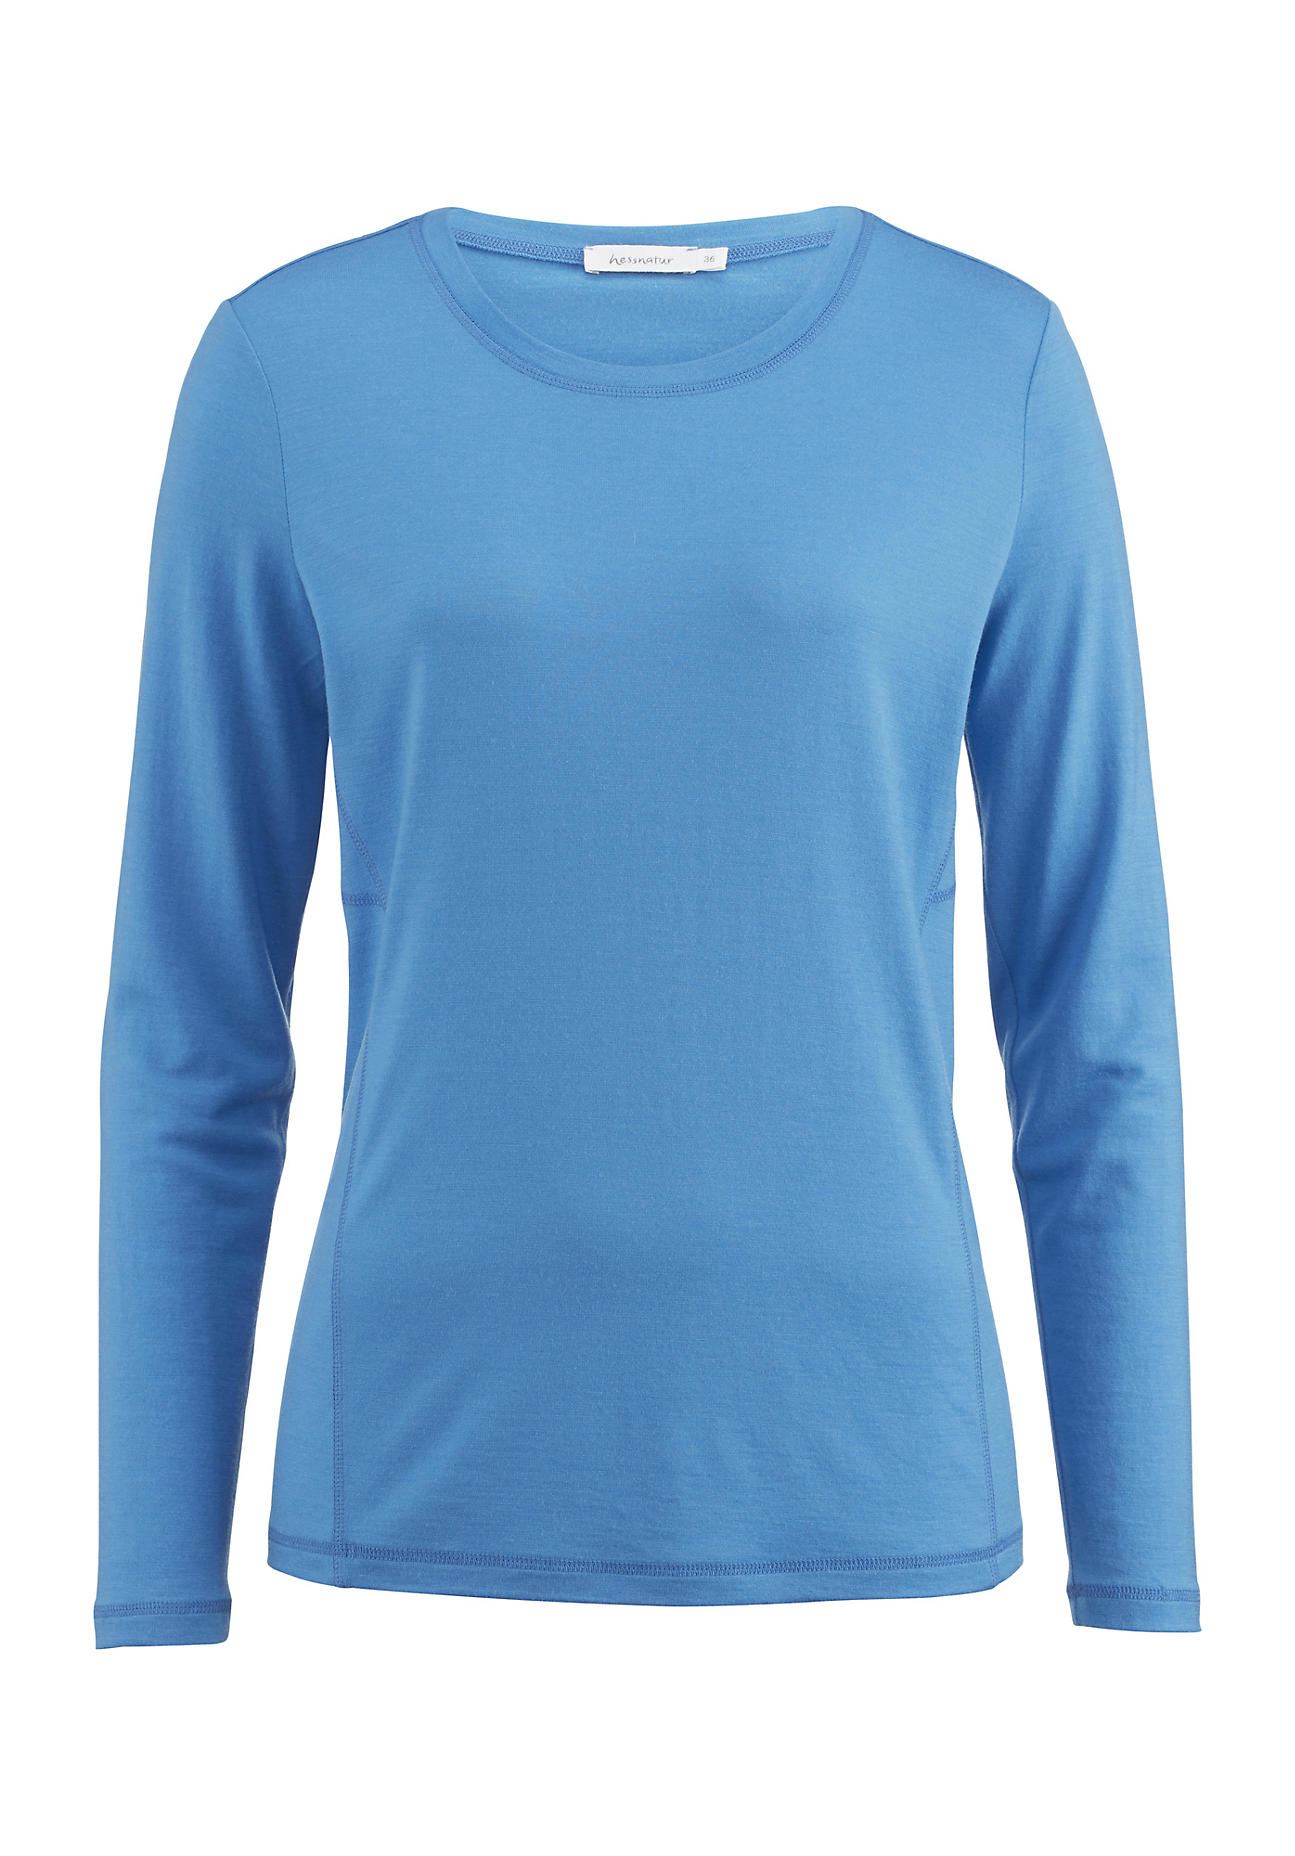 hessnatur -  Outdoor Langarm-Shirt für Sie aus Bio-Merinowolle – blau – Größe 34